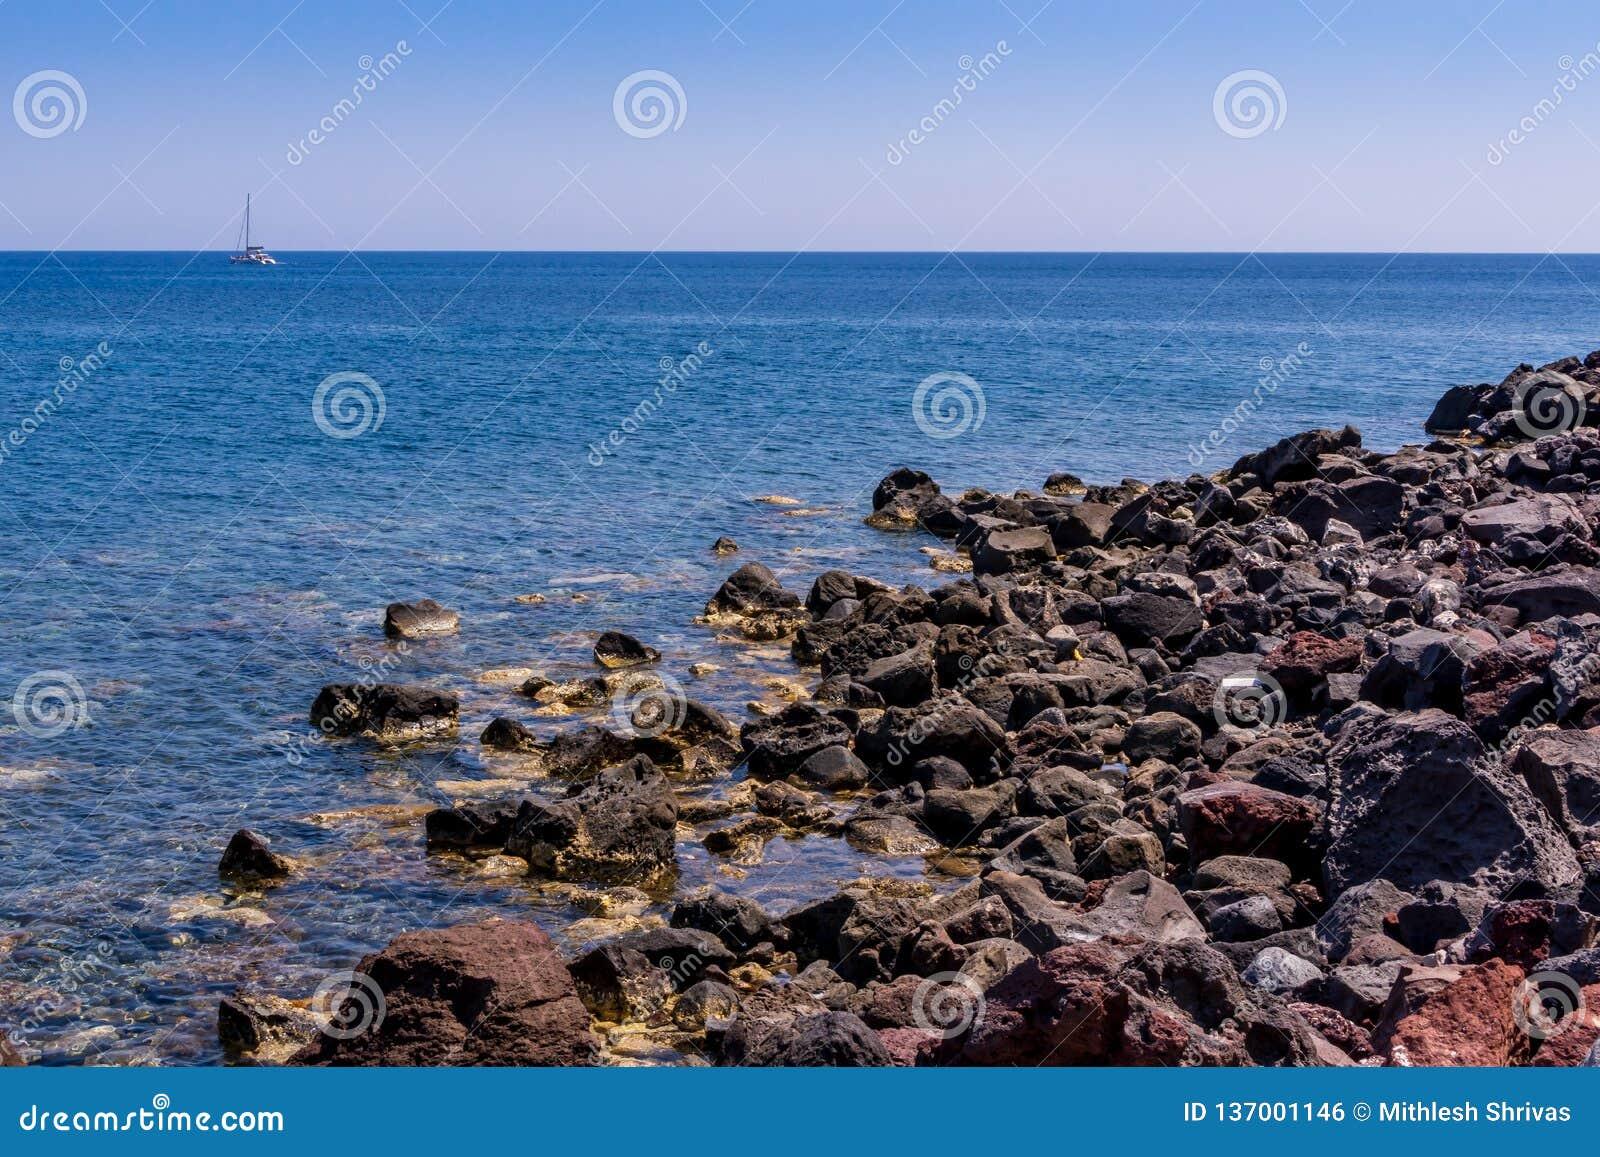 Małe skały, morze i yatch, santorini wyspa, Greece